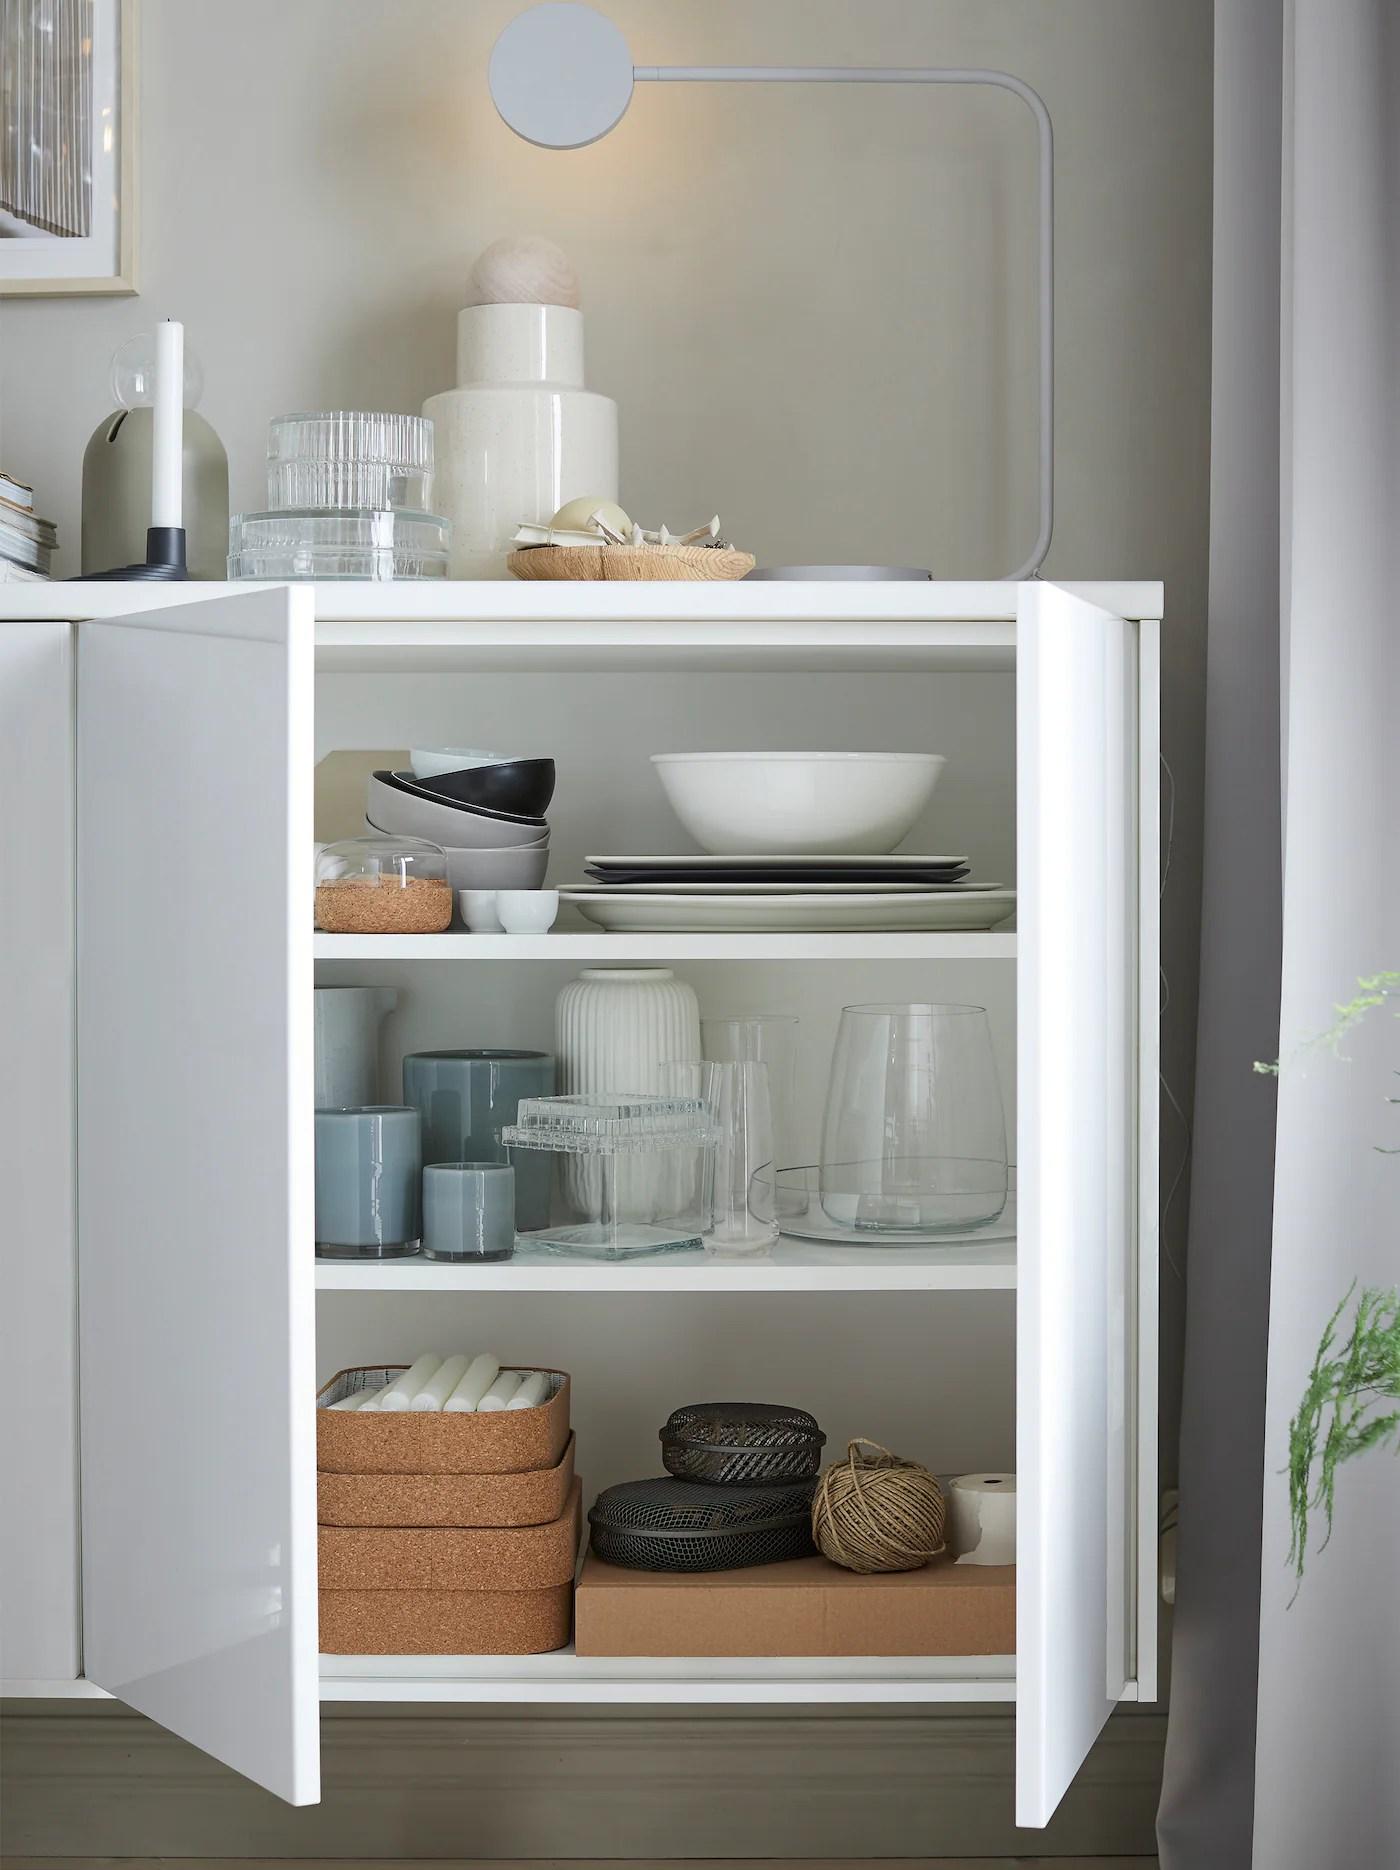 Mobili alti ikea in vendita in arredamento e casalinghi: Cucina Ringhult Bianco Lucido Elegante E Splendente Ikea It